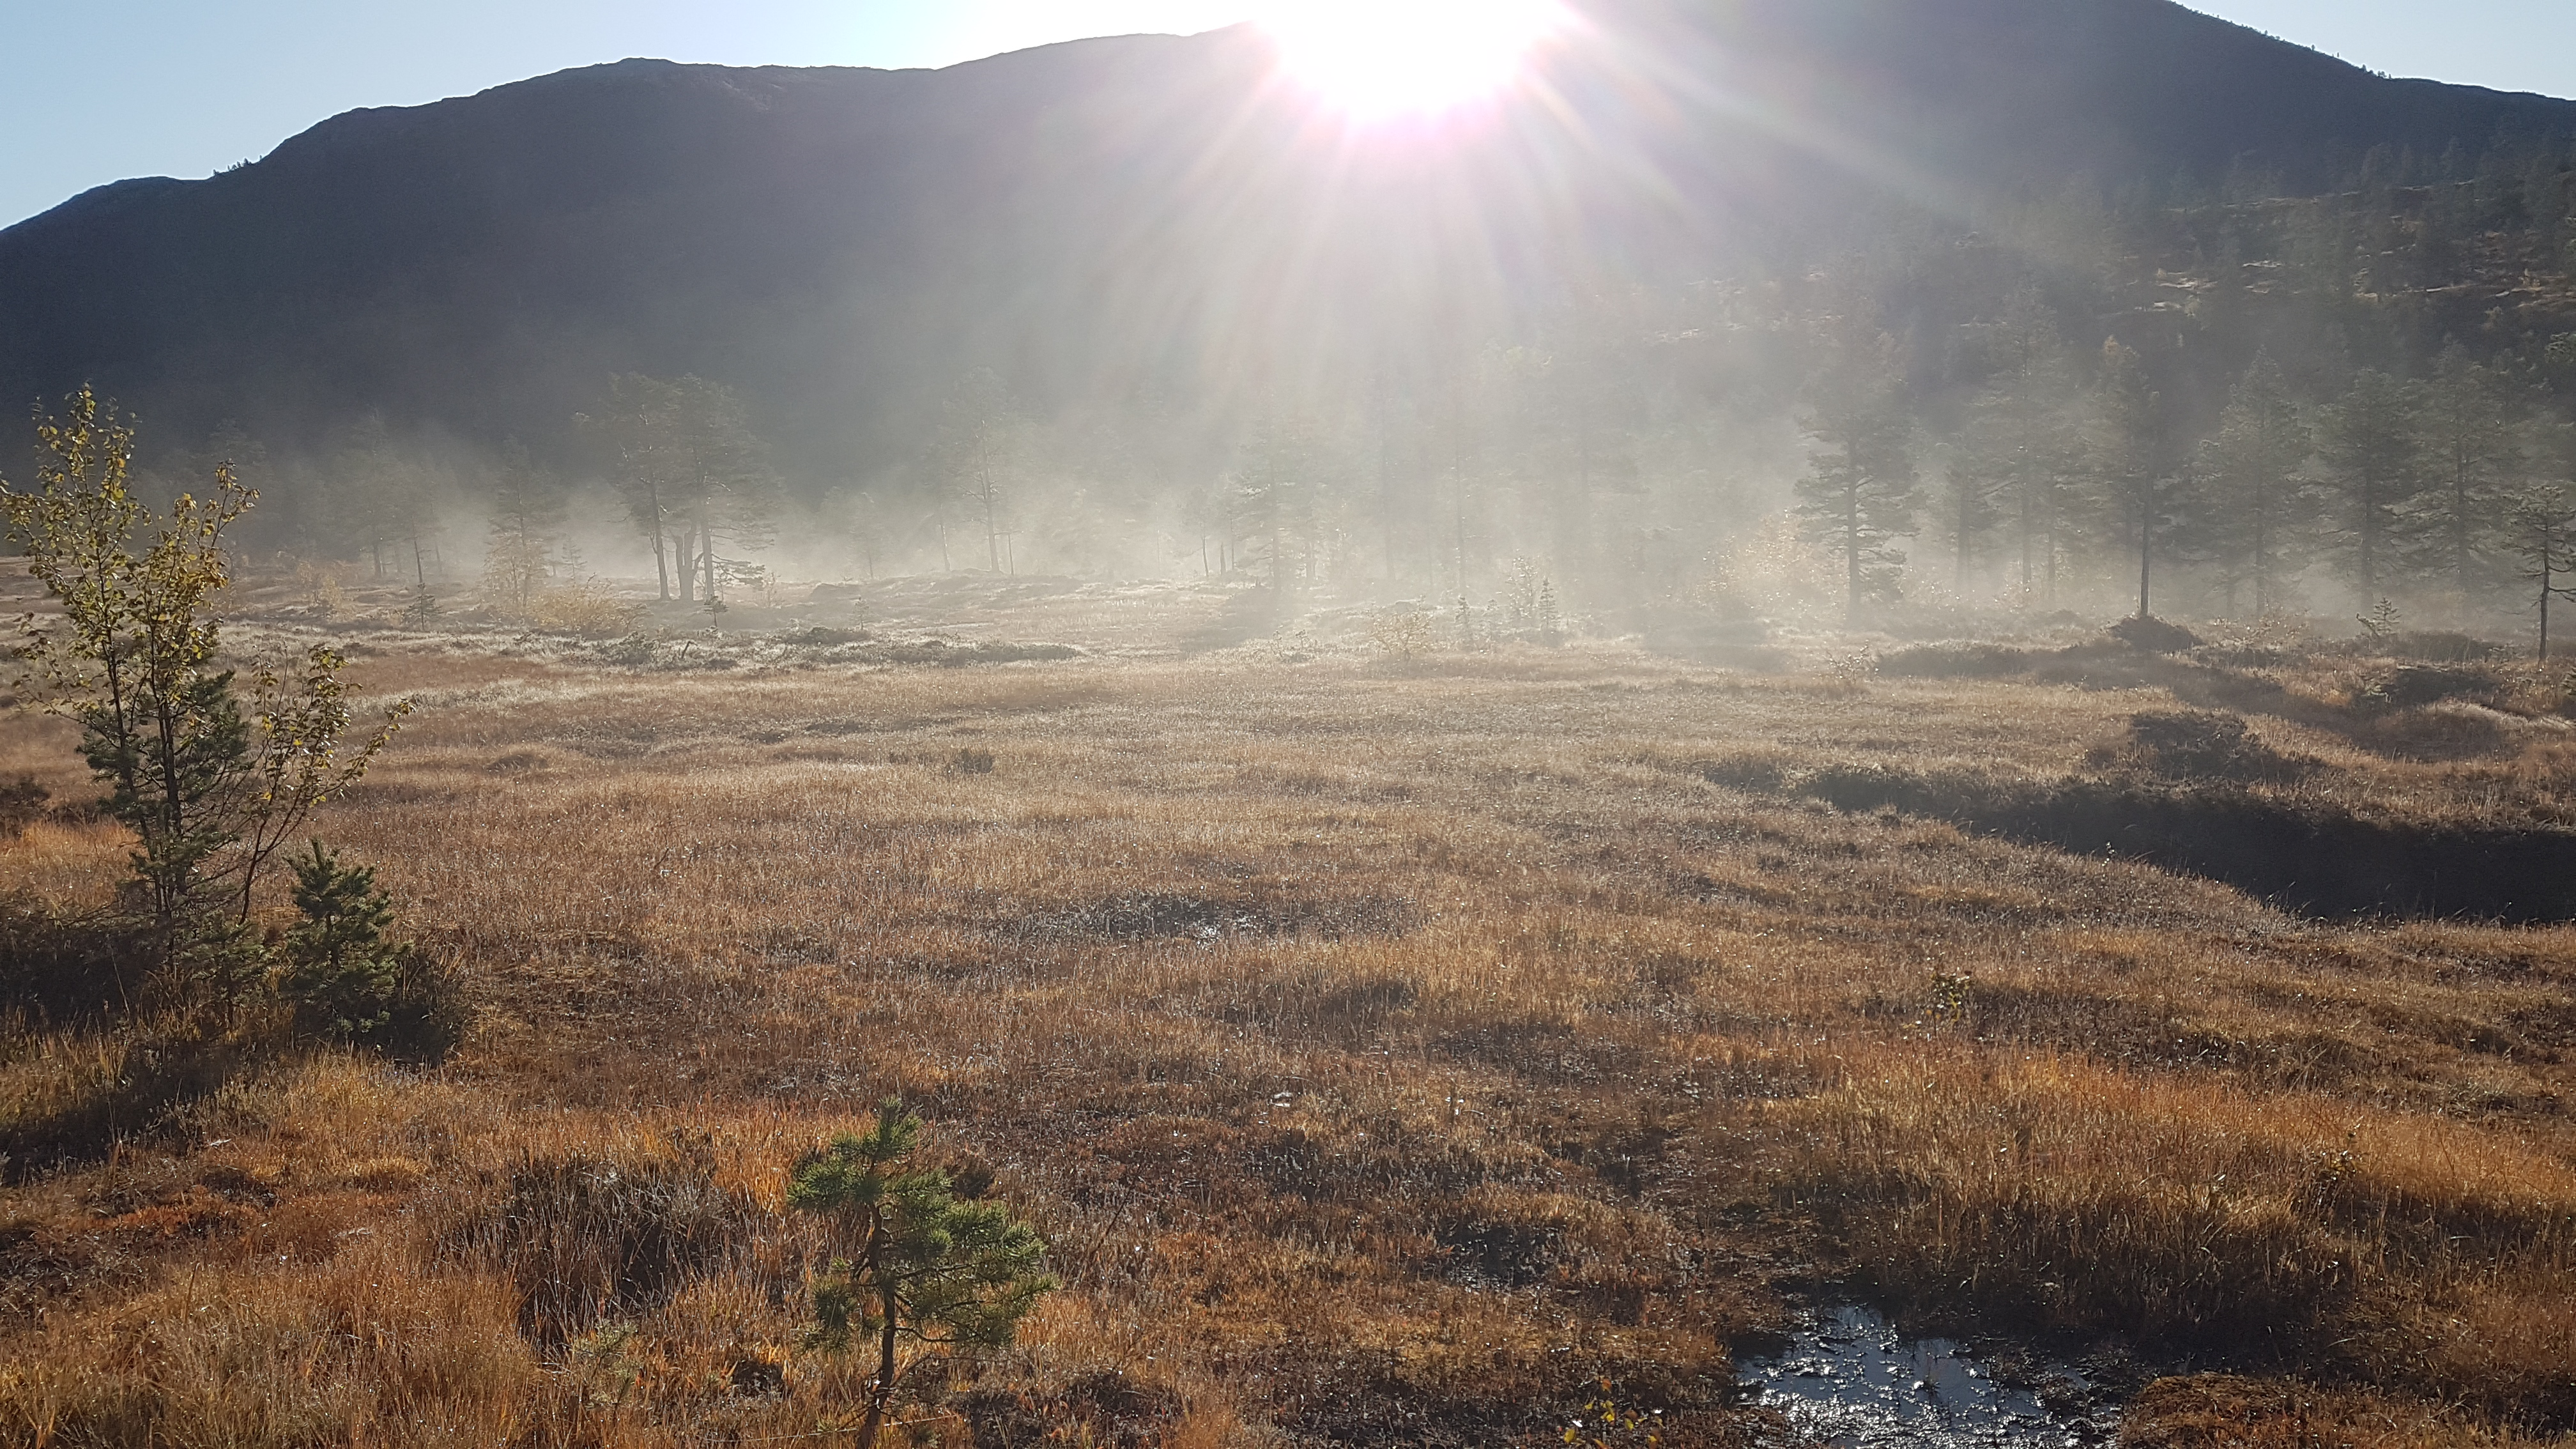 Alvedans i Harangsdalen, 24. september 2019. Fotograf: Arnfinn Hanson